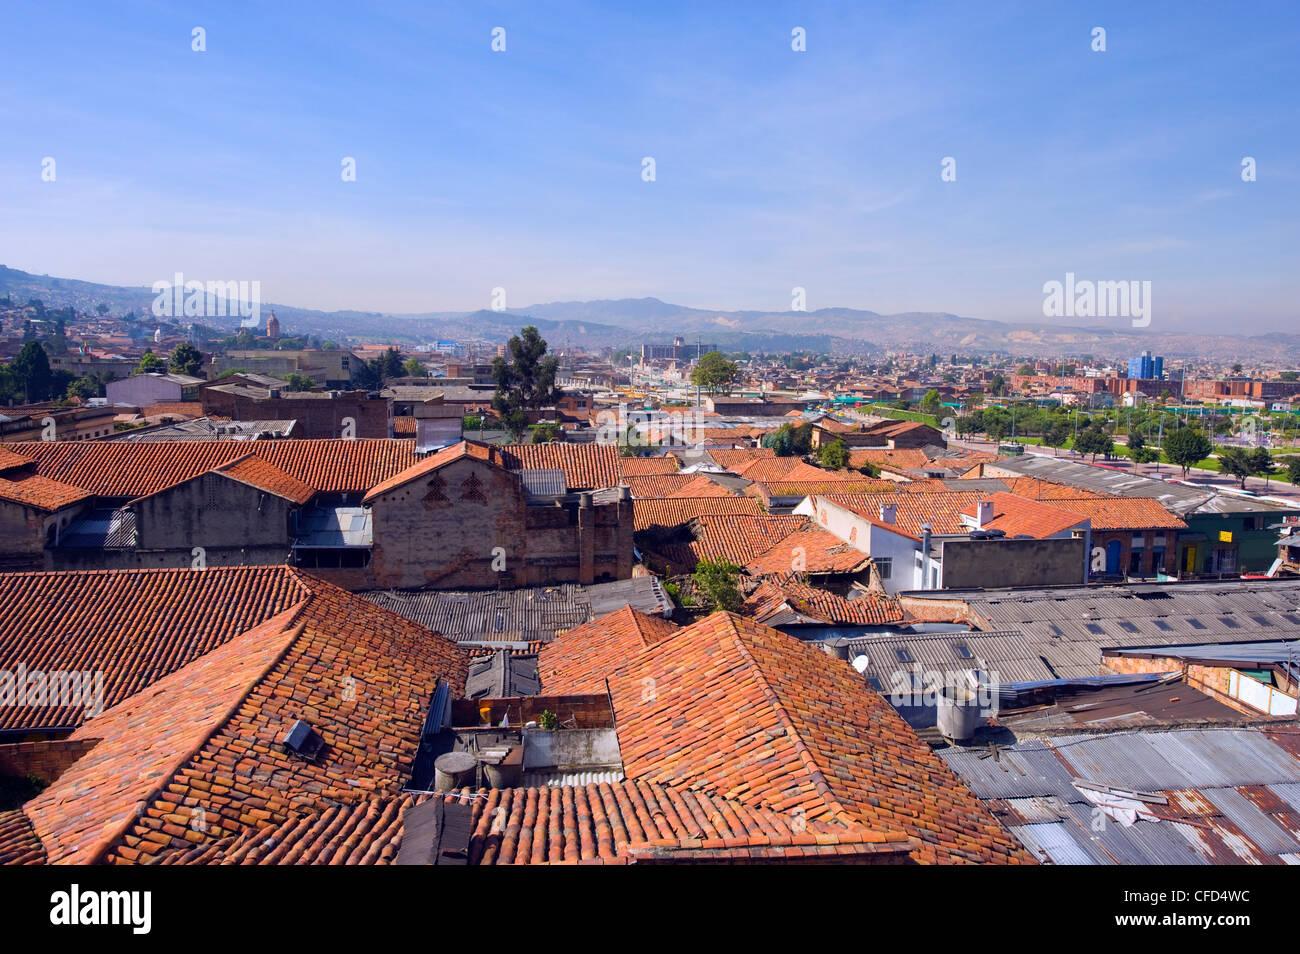 Tetto vista città, Bogotà, Colombia, Sud America Immagini Stock